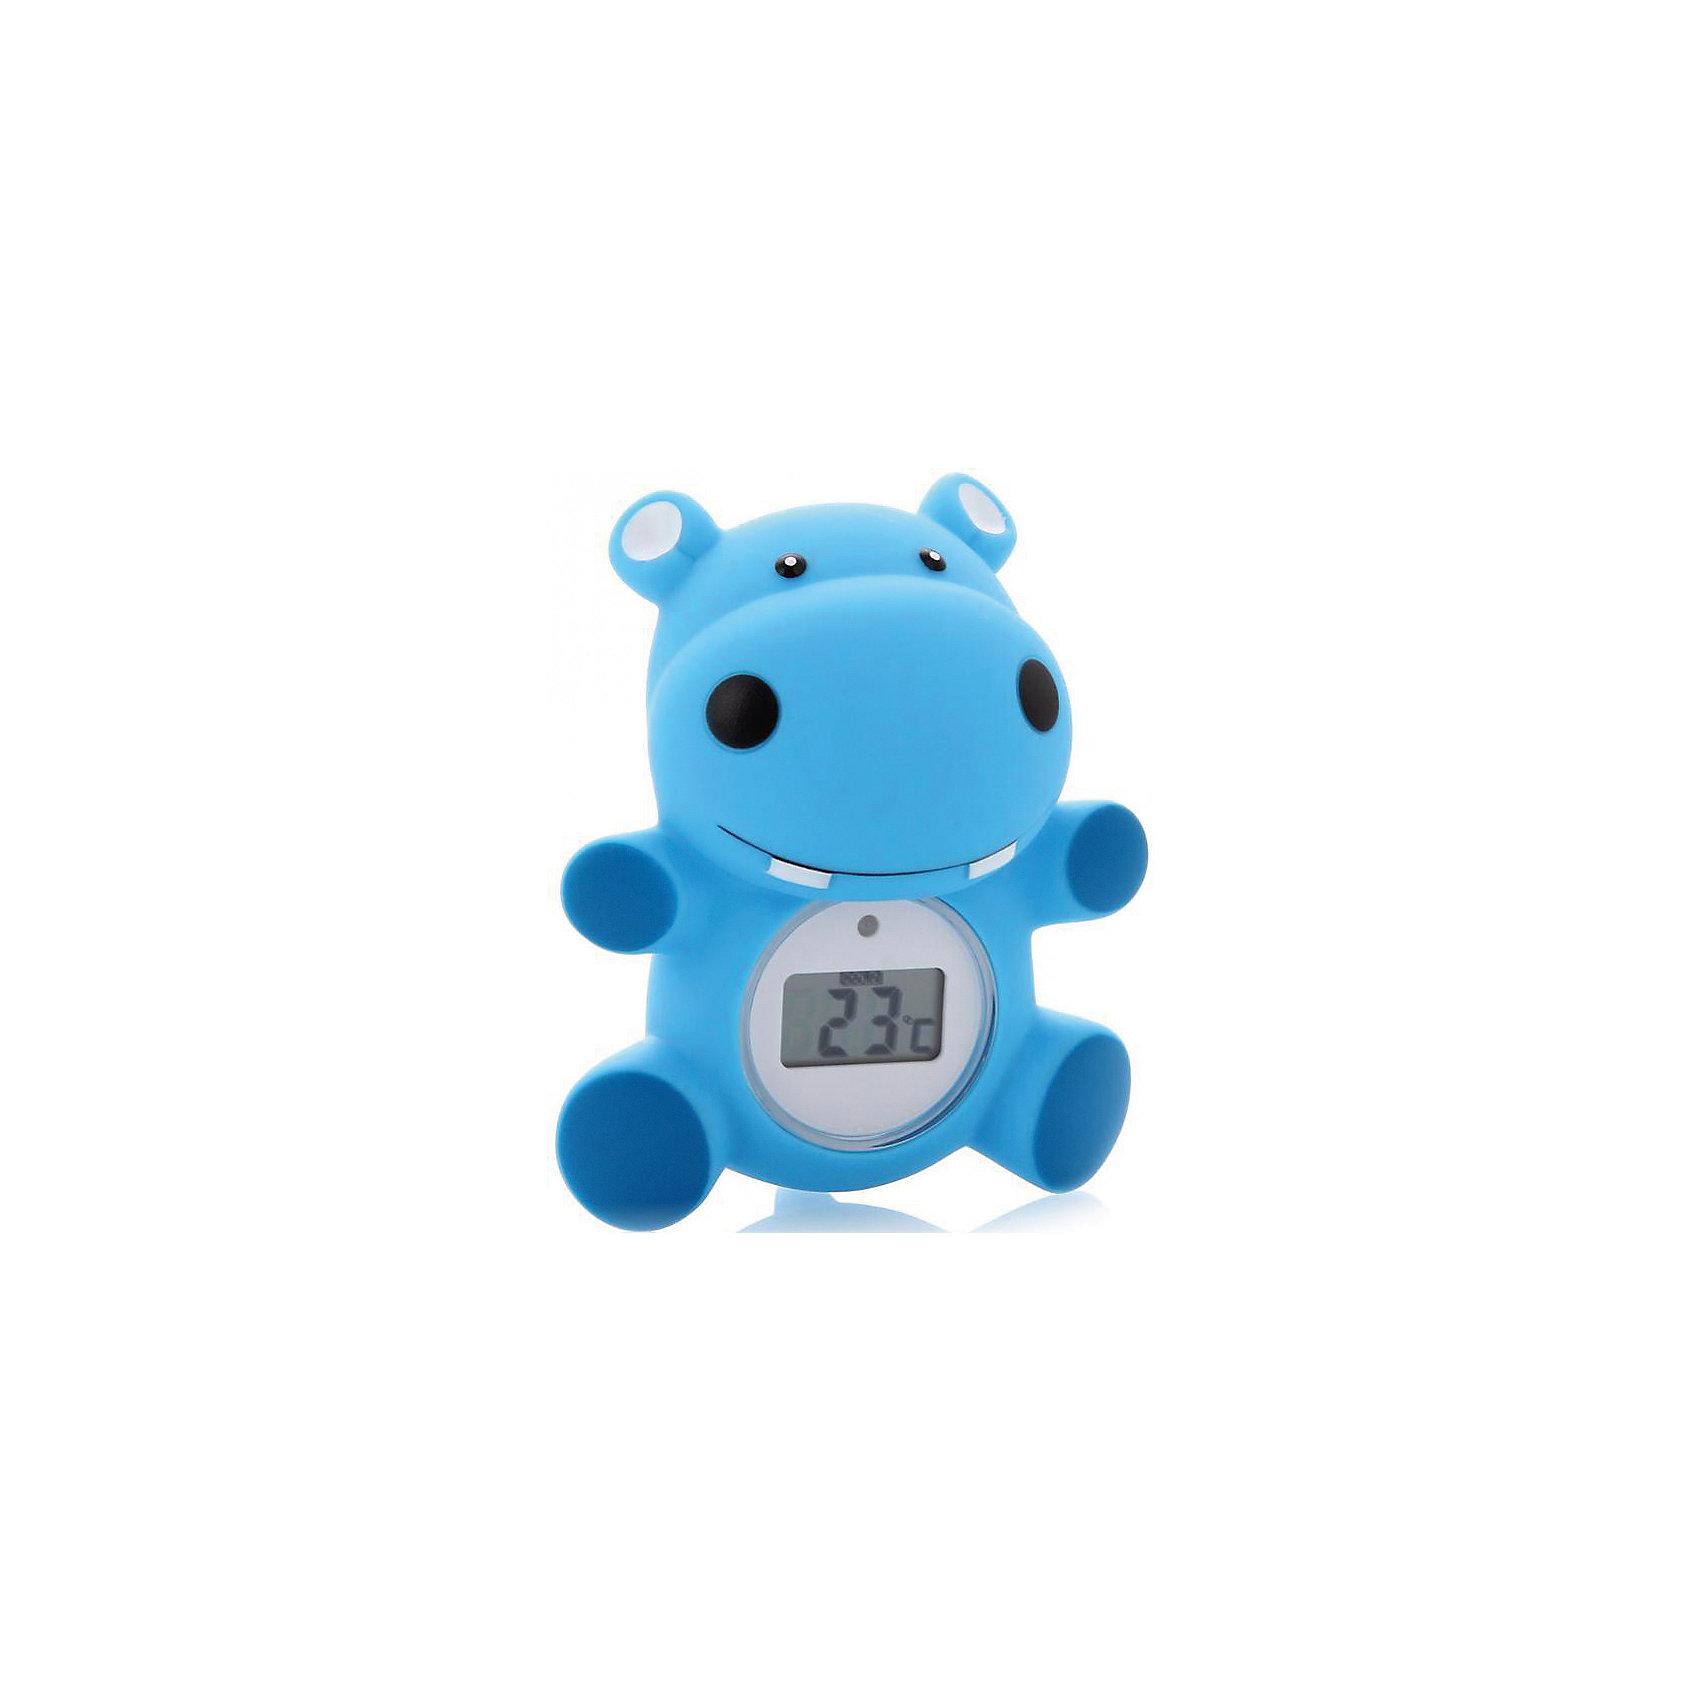 Термометр для воды Maman RT-17, бегемотикИзмерение температуры воды и комнатной температуры.<br> Может использоваться, как детская игрушка во время купания ребенка.<br> Встроенный индикатор - сигнал начинает мигать красным цветом, если вода слишком горячая для купания ребенка <br>(выше 39оС). <br> Диапазон измерений: <br>от 0 до 50 оС. <br> Три  варианта дизайна: бегемотик, утенок, цыплёнок. <br> Упакован в прозрачный блистер. <br>В комплекте дополнительная батарейка.<br><br>Ширина мм: 90<br>Глубина мм: 140<br>Высота мм: 195<br>Вес г: 191<br>Возраст от месяцев: 0<br>Возраст до месяцев: 36<br>Пол: Унисекс<br>Возраст: Детский<br>SKU: 3375646